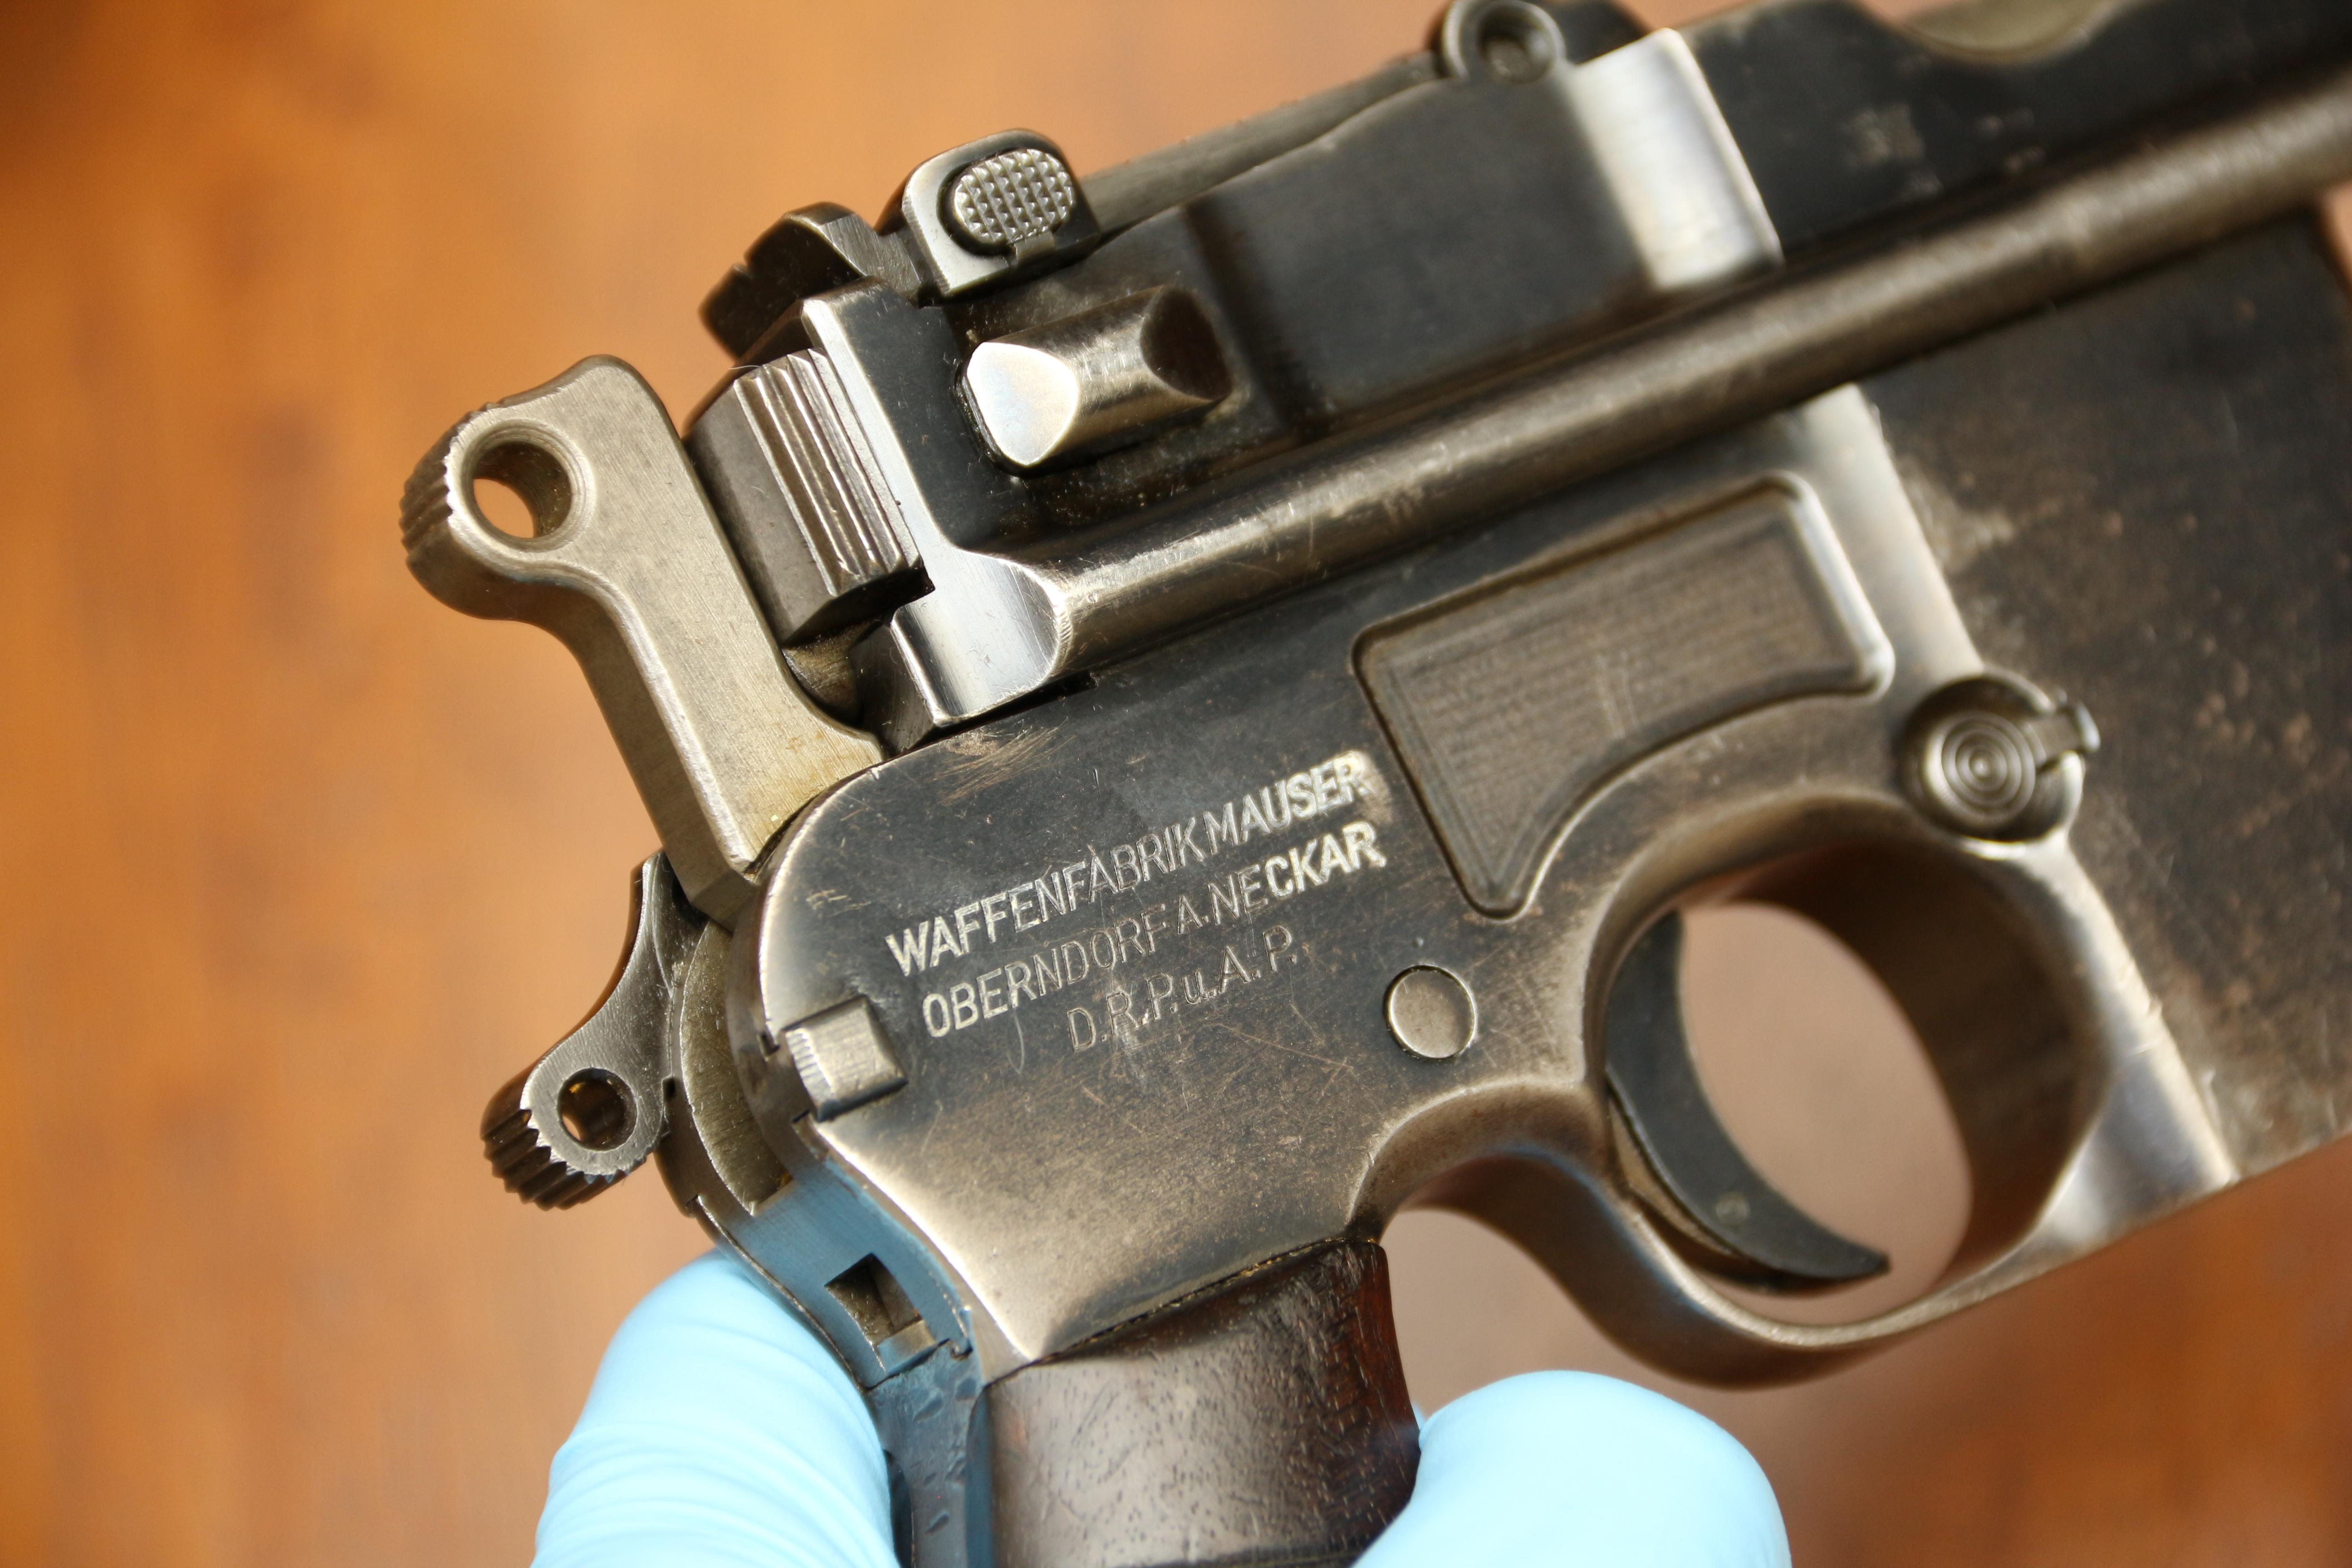 Фото Mauser M712 Shnellfeuer #8565, клеймо военной немецкой приемки, войска SS